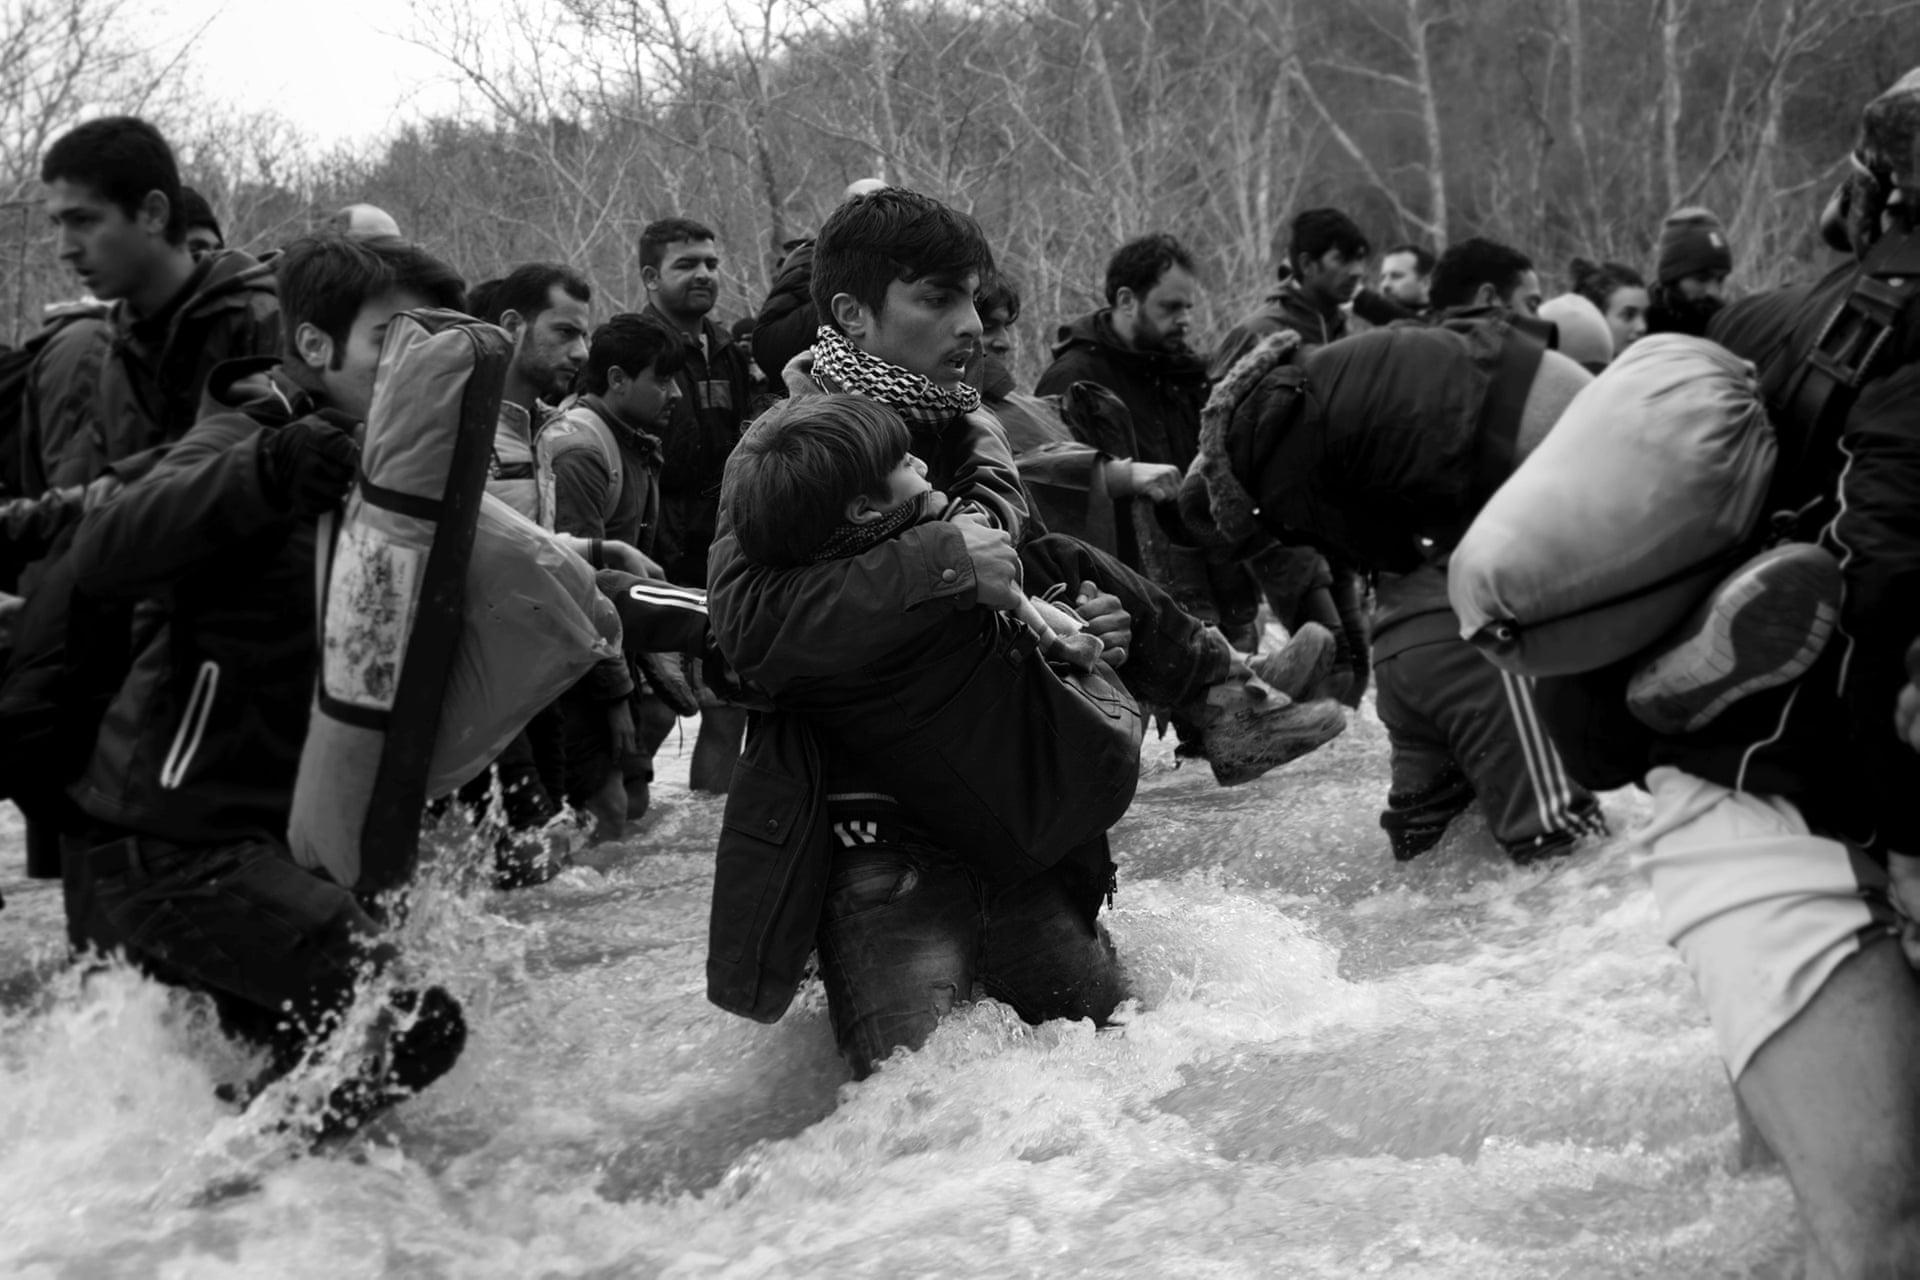 Πρόσφυγες και μετανάστες από τον αυτοσχέδιο καταυλισμό στην Ειδομένη διασχίζουν ένα παγωμένο ποτάμι σε μία προσπάθεια να περάσουν τα κλειστά σύνορα προς την ΠΓΔΜ